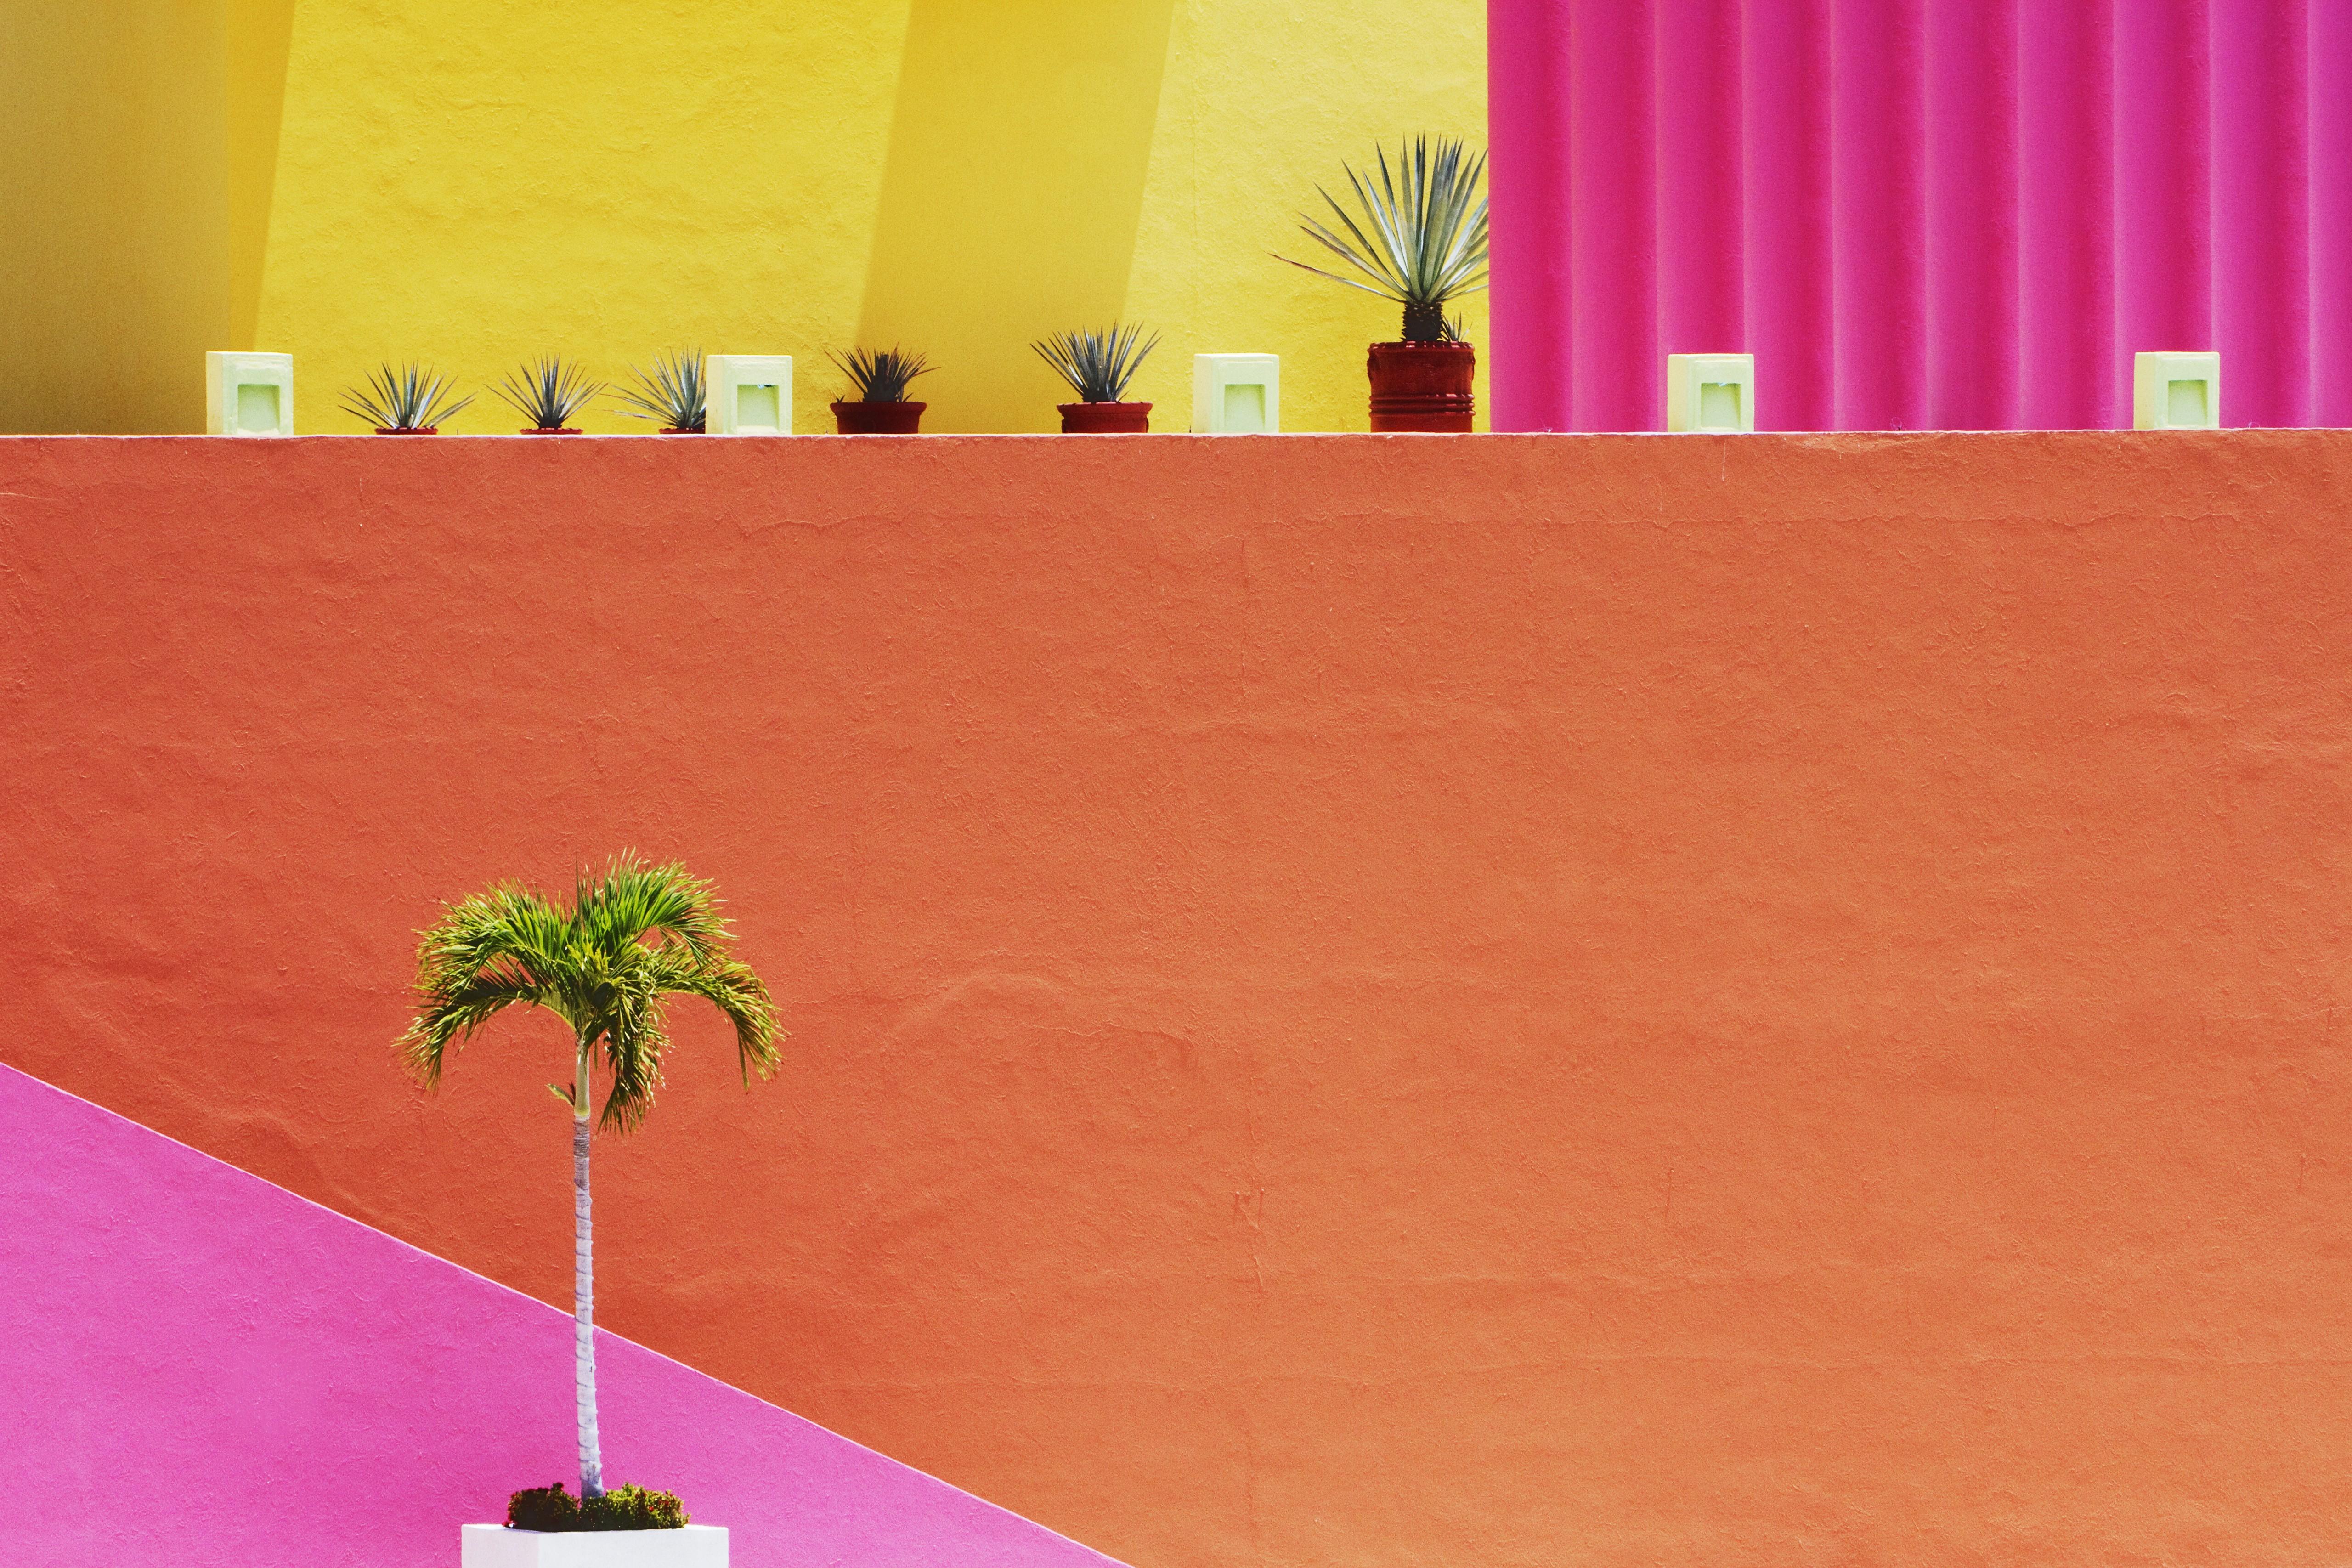 Was wir von frida kahlo lernen k nnen westwing magazin - Schaufenster dekorieren lernen ...